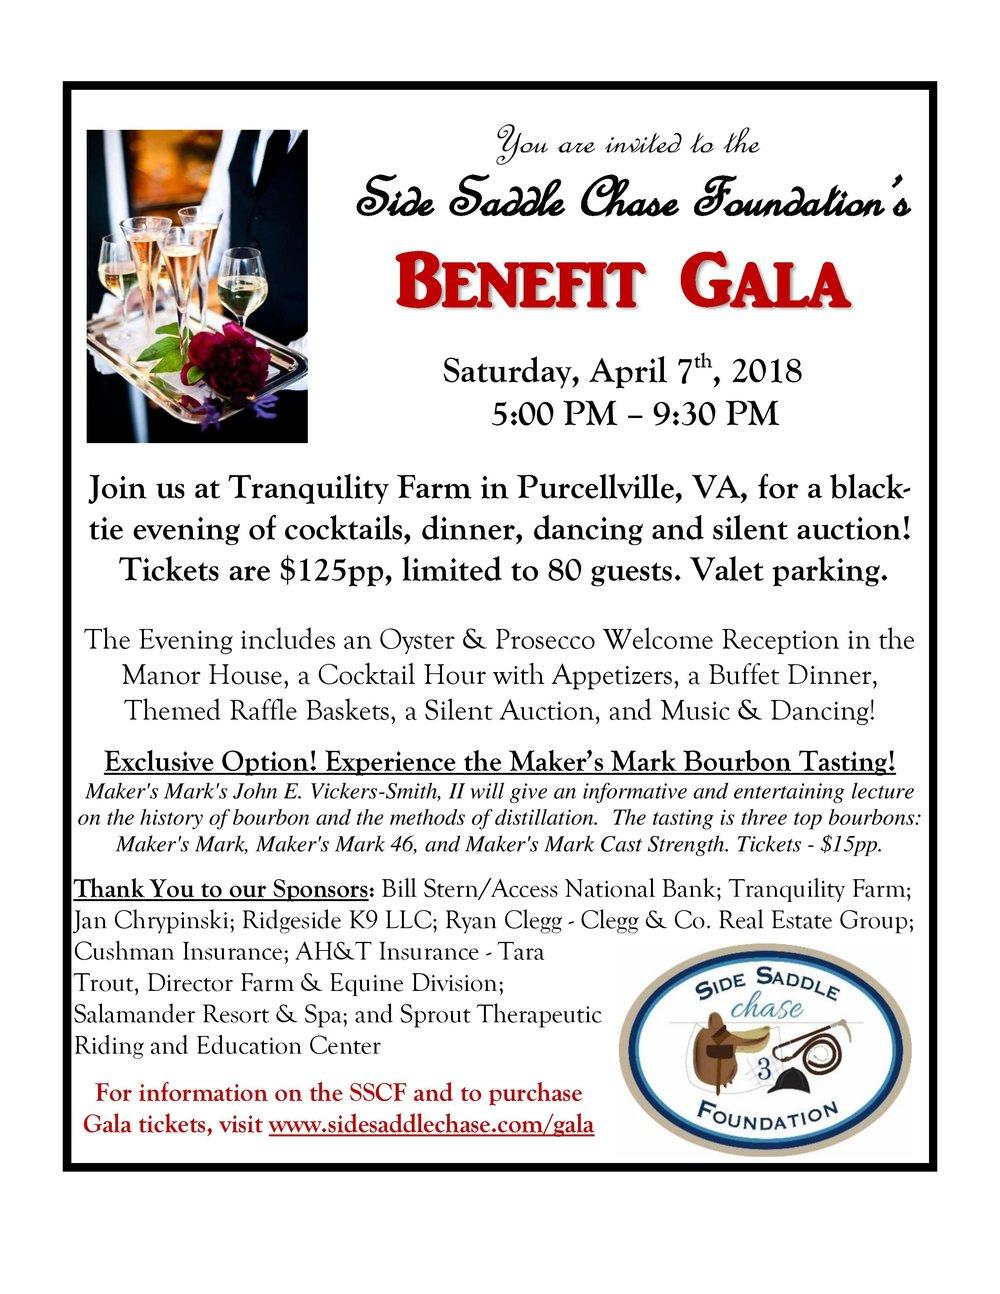 SSCF gala flyer 02.07.18-page-001.jpg